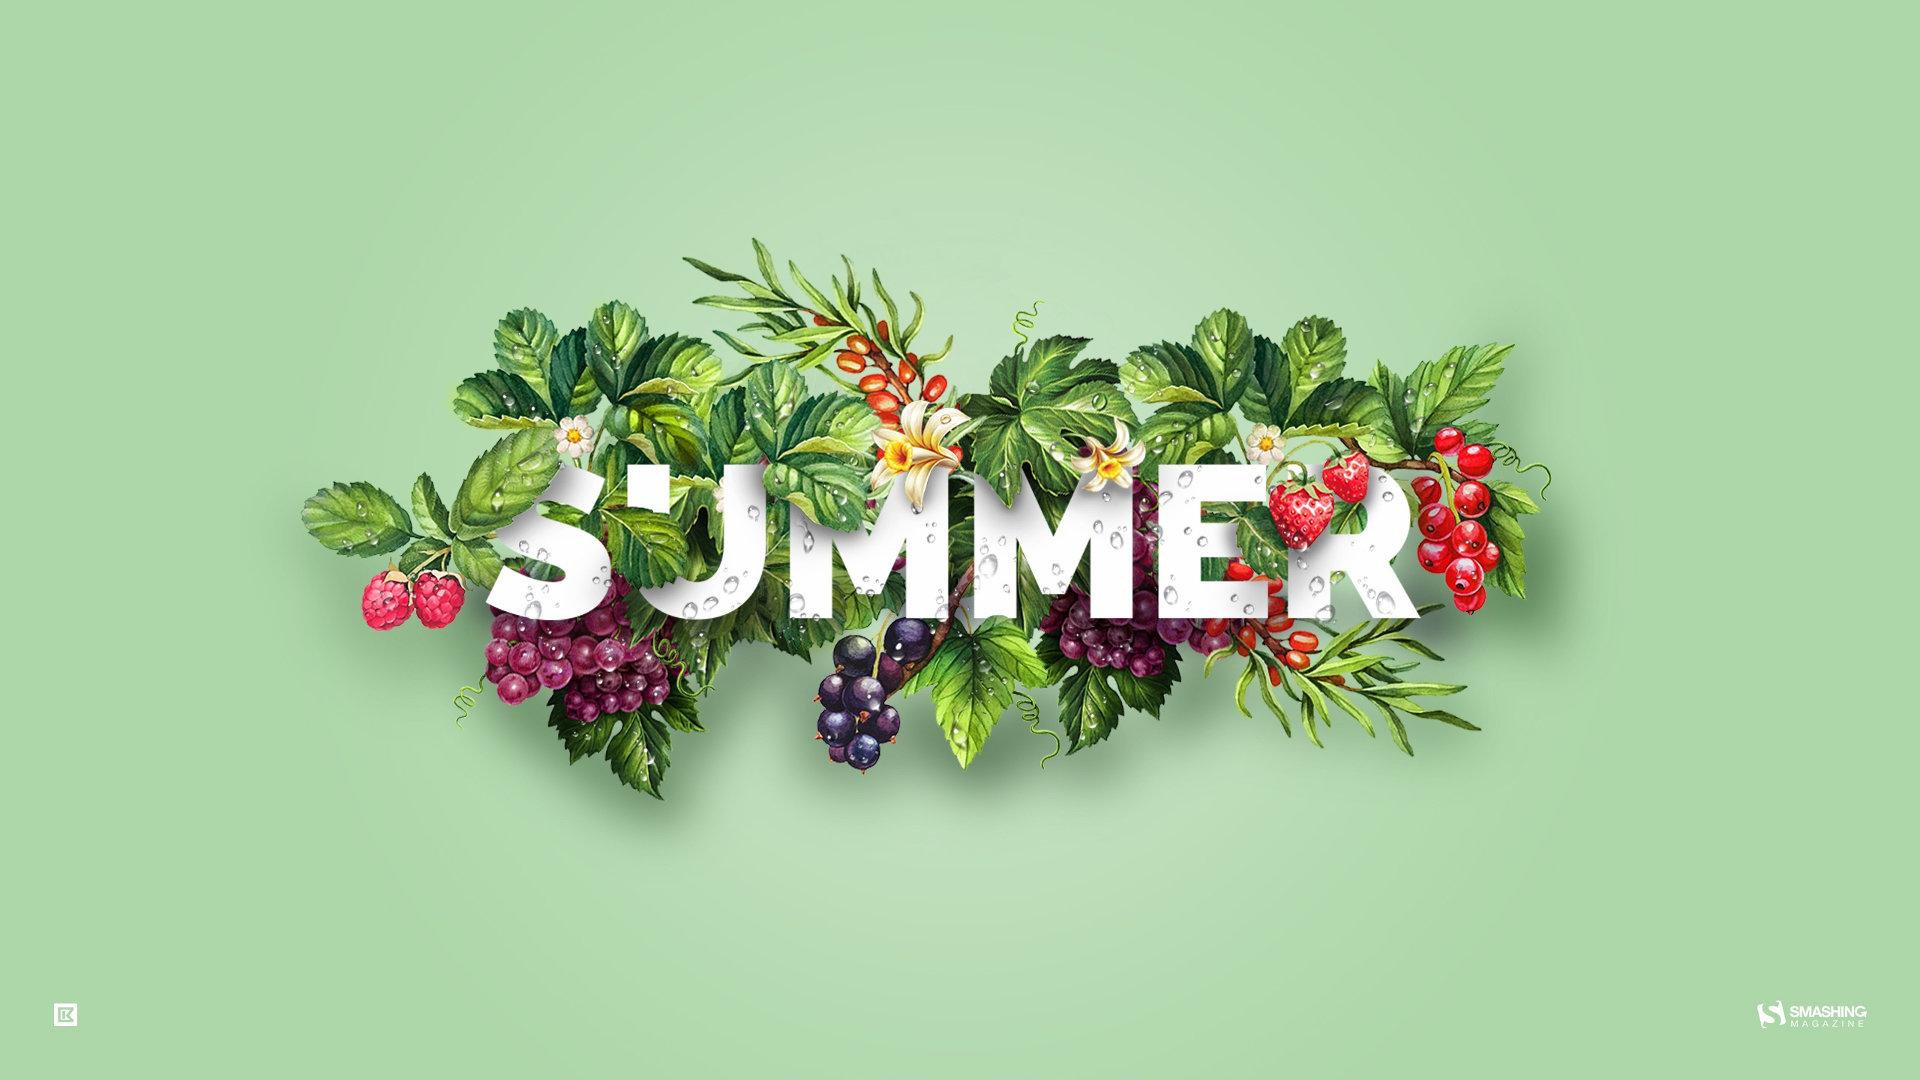 Summer Computer Backgrounds - Summer Fruit Facebook Cover - HD Wallpaper